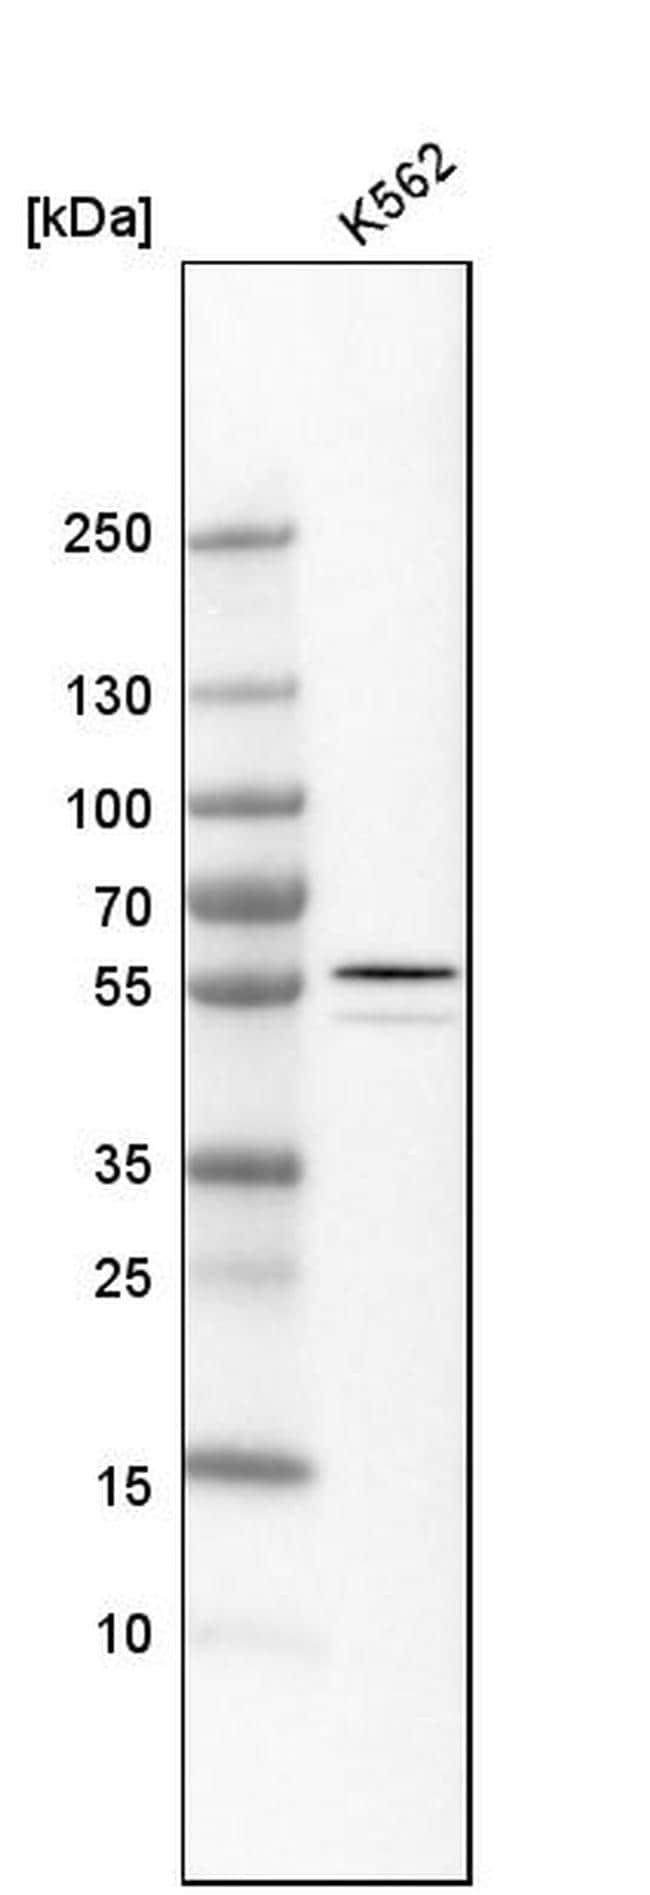 ALDH1A2 Antibody in Western Blot (WB)